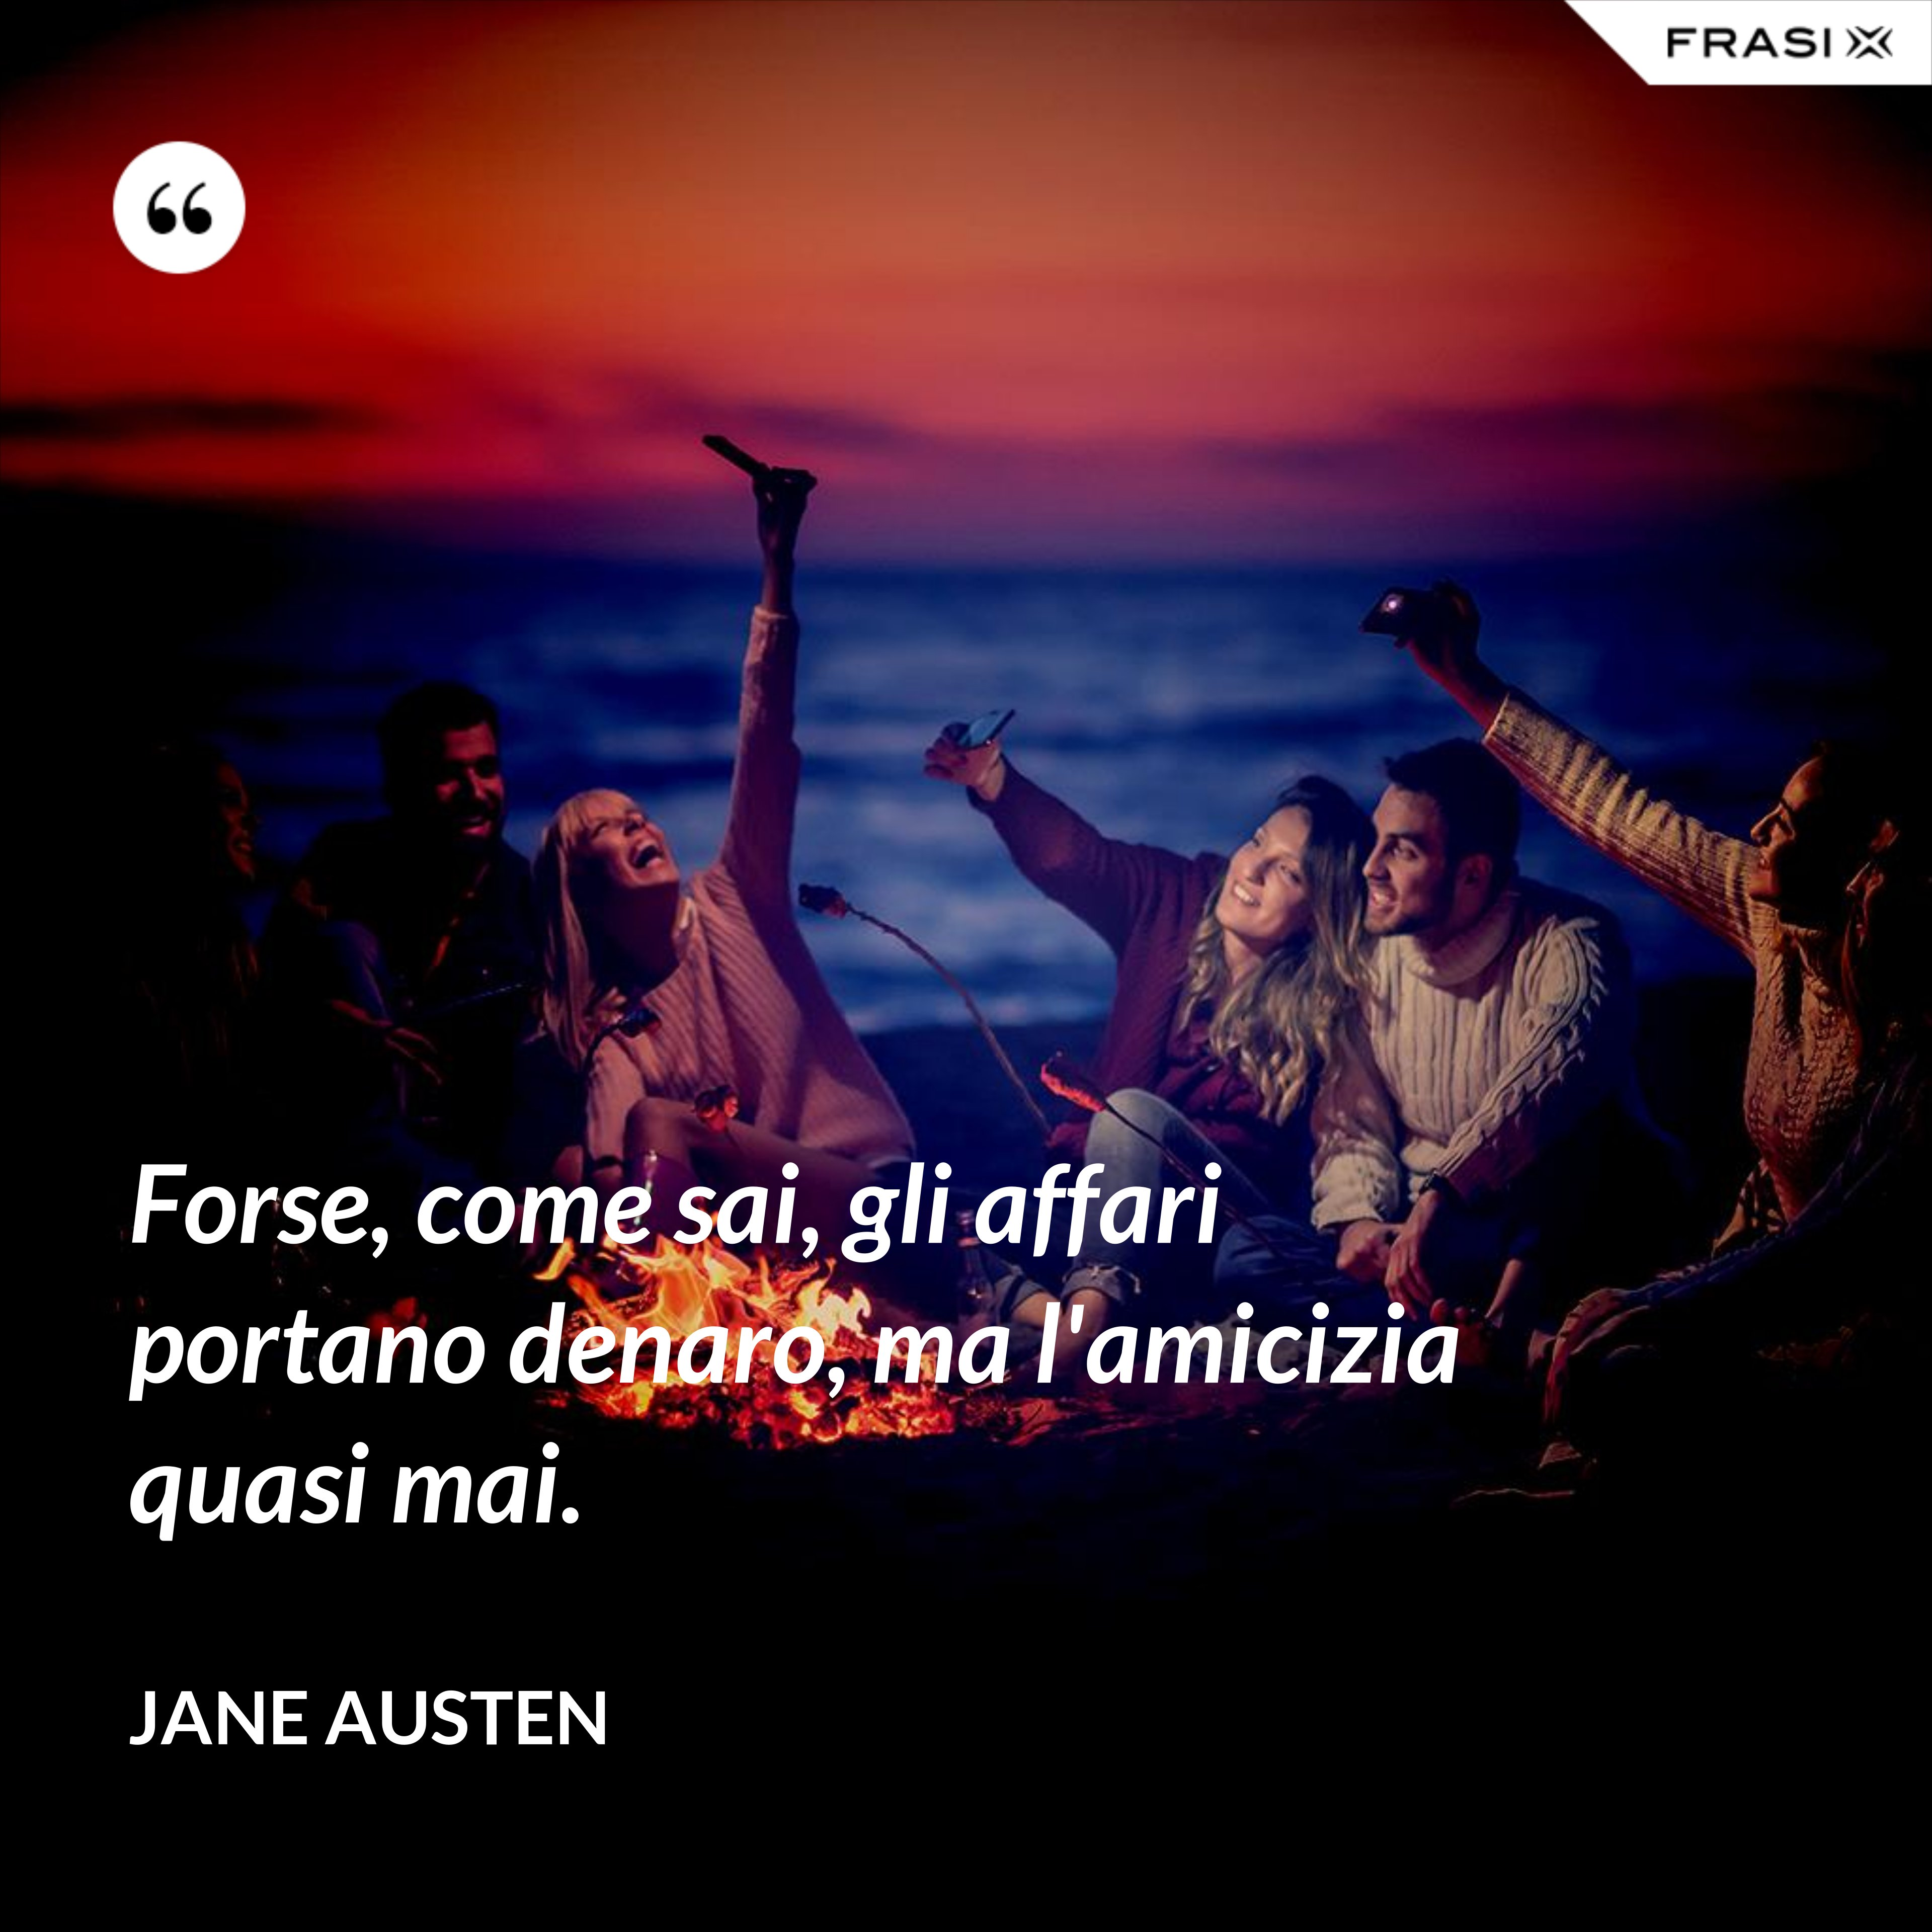 Forse, come sai, gli affari portano denaro, ma l'amicizia quasi mai. - Jane Austen